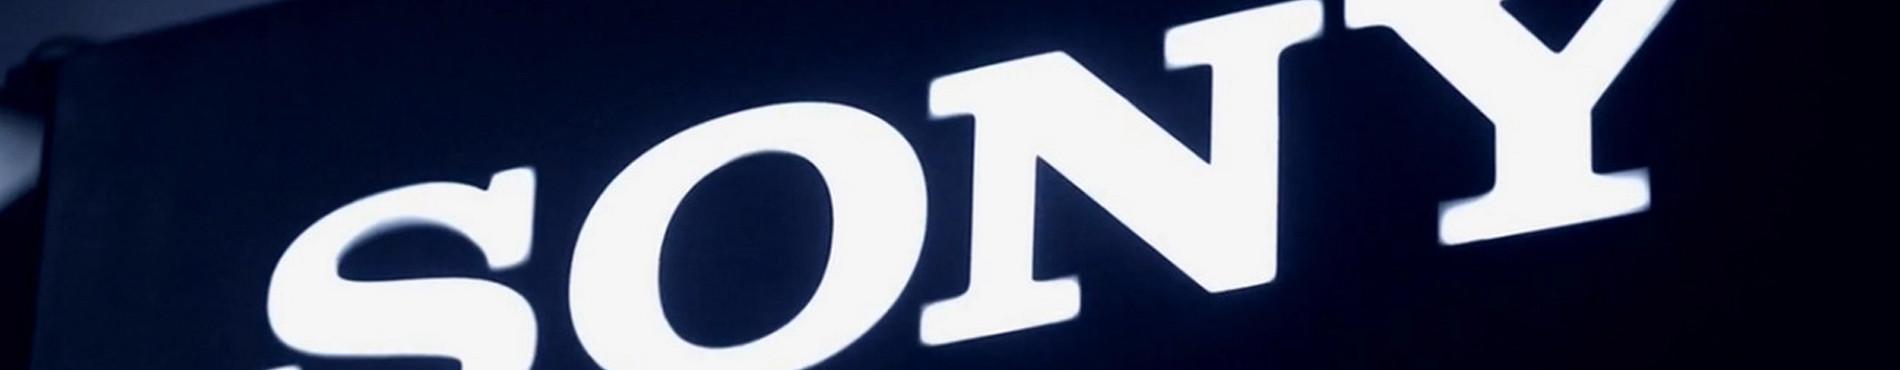 Personnalisez nos produits Sony ® avec votre logo